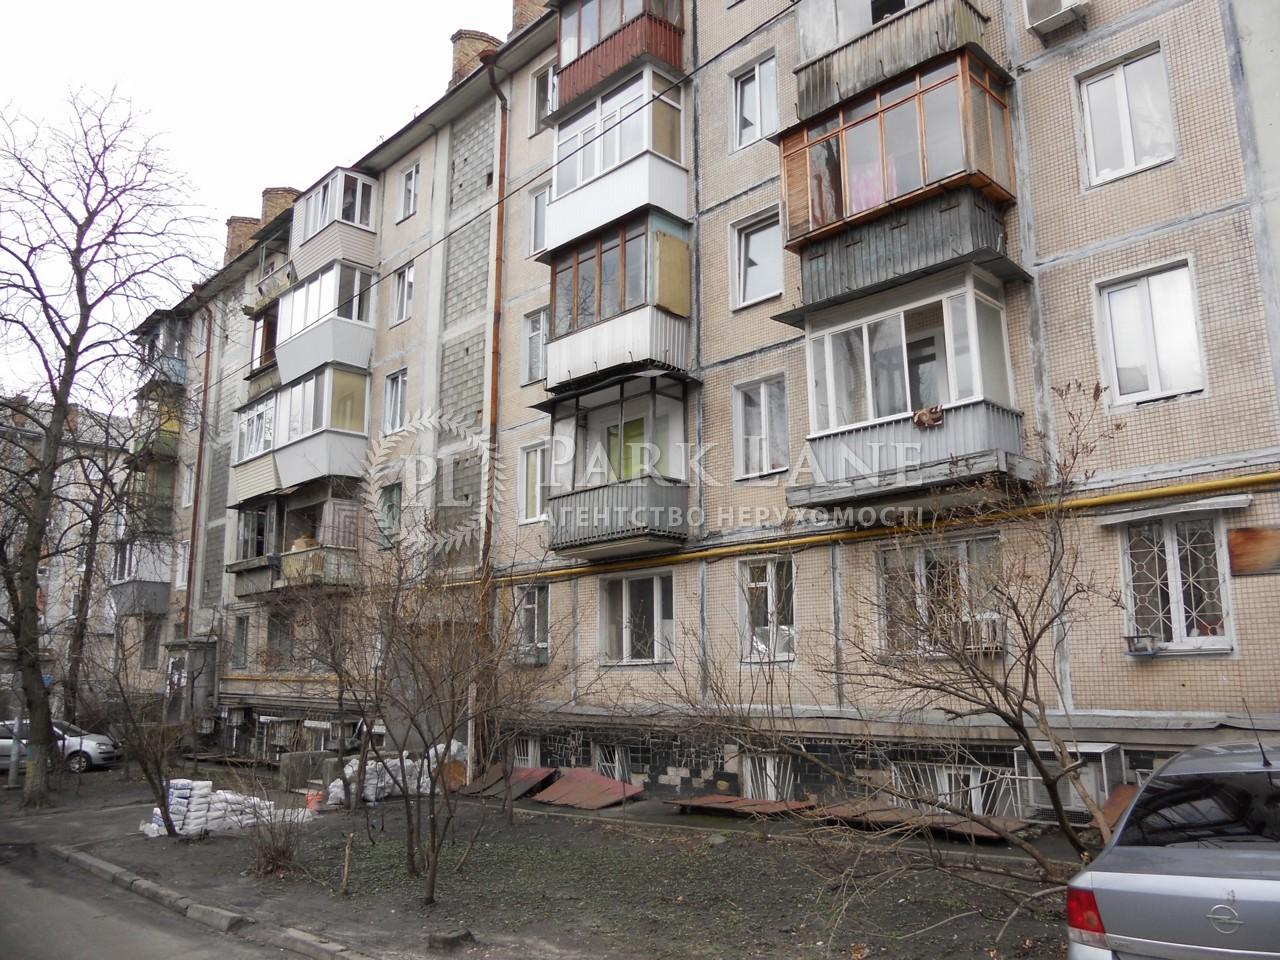 Нежилое помещение, K-26761, Приймаченко Марии бульв. (Лихачева), Киев - Фото 4